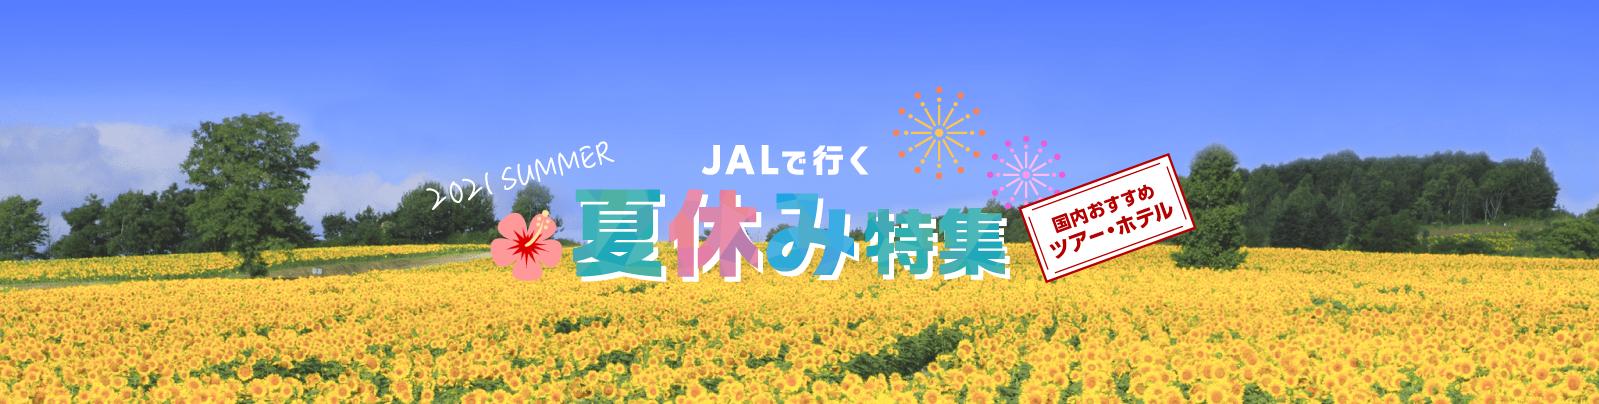 JAL国内ツアー-JALで行く-夏休み特集-国内ツアー・旅行ならJALパック